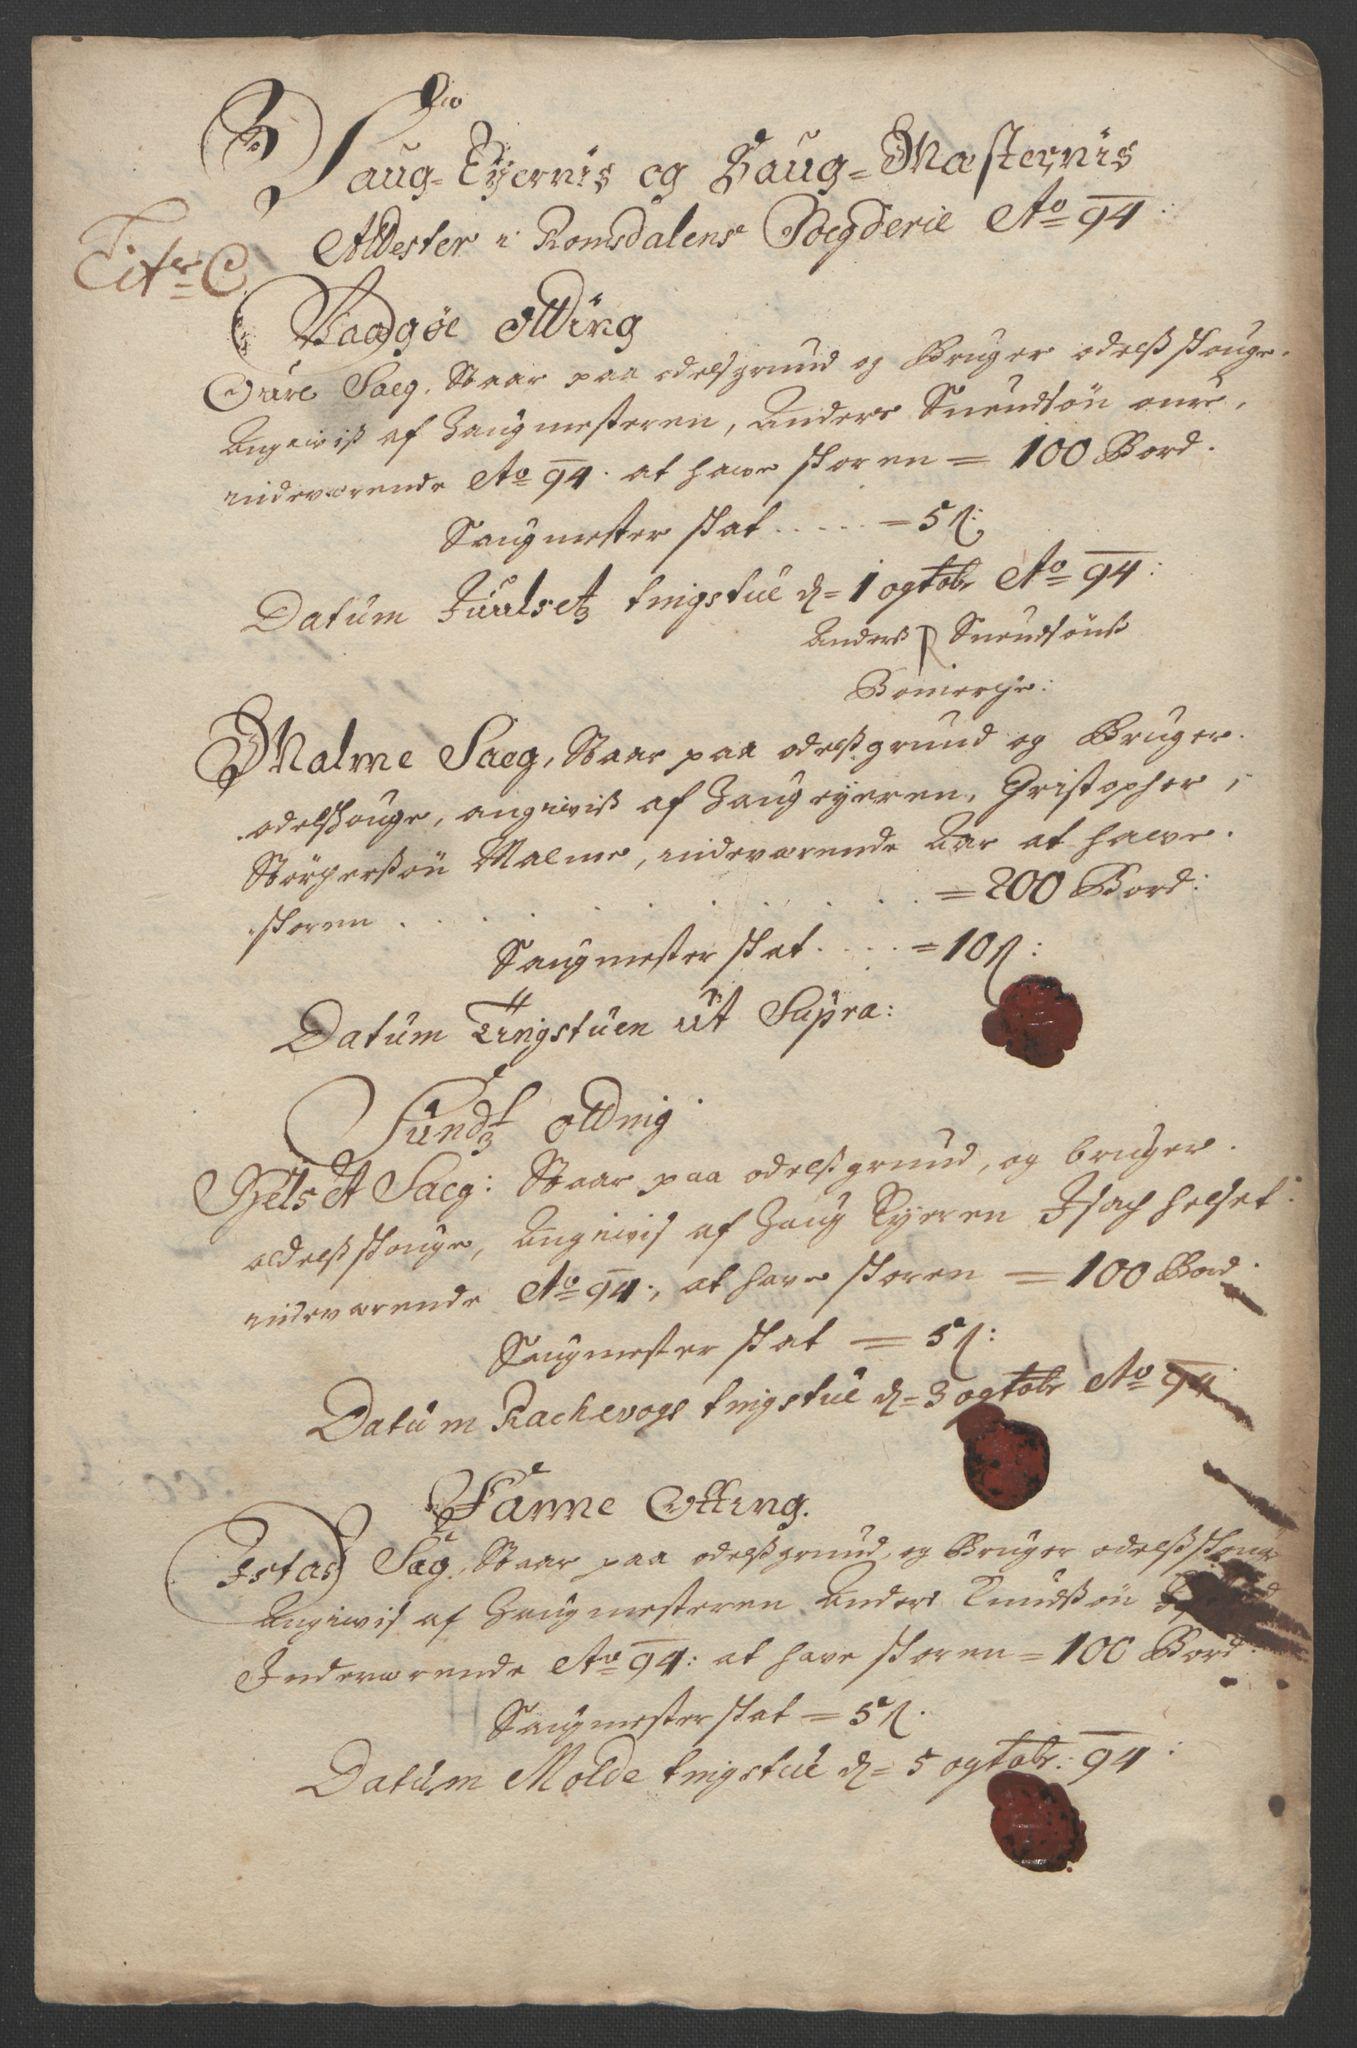 RA, Rentekammeret inntil 1814, Reviderte regnskaper, Fogderegnskap, R55/L3651: Fogderegnskap Romsdal, 1693-1694, s. 230